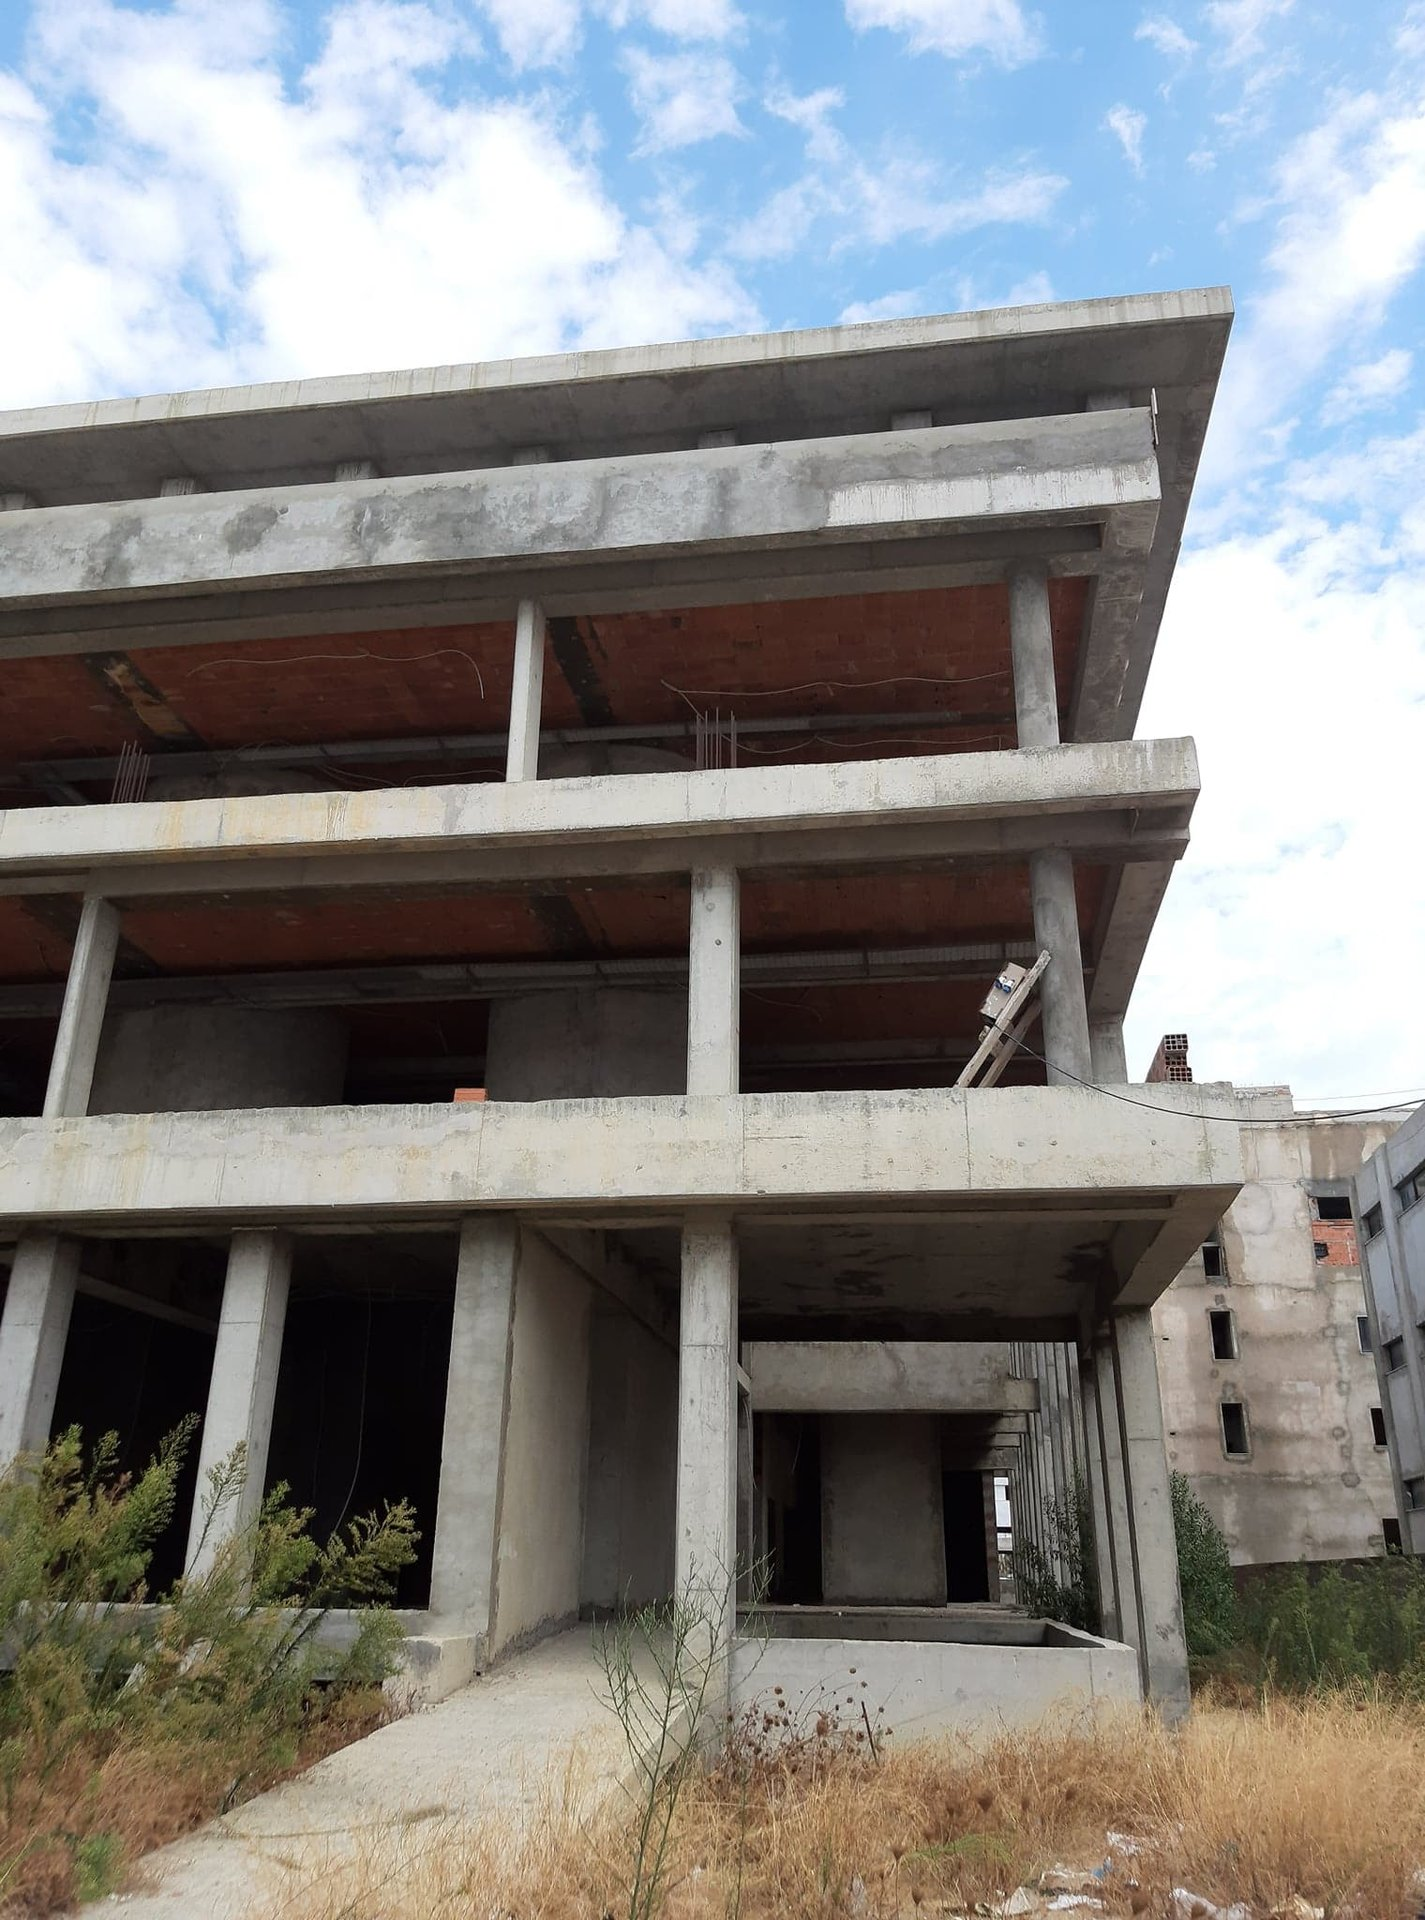 Vente Immeuble de bureaux inachevé Z.A Kram